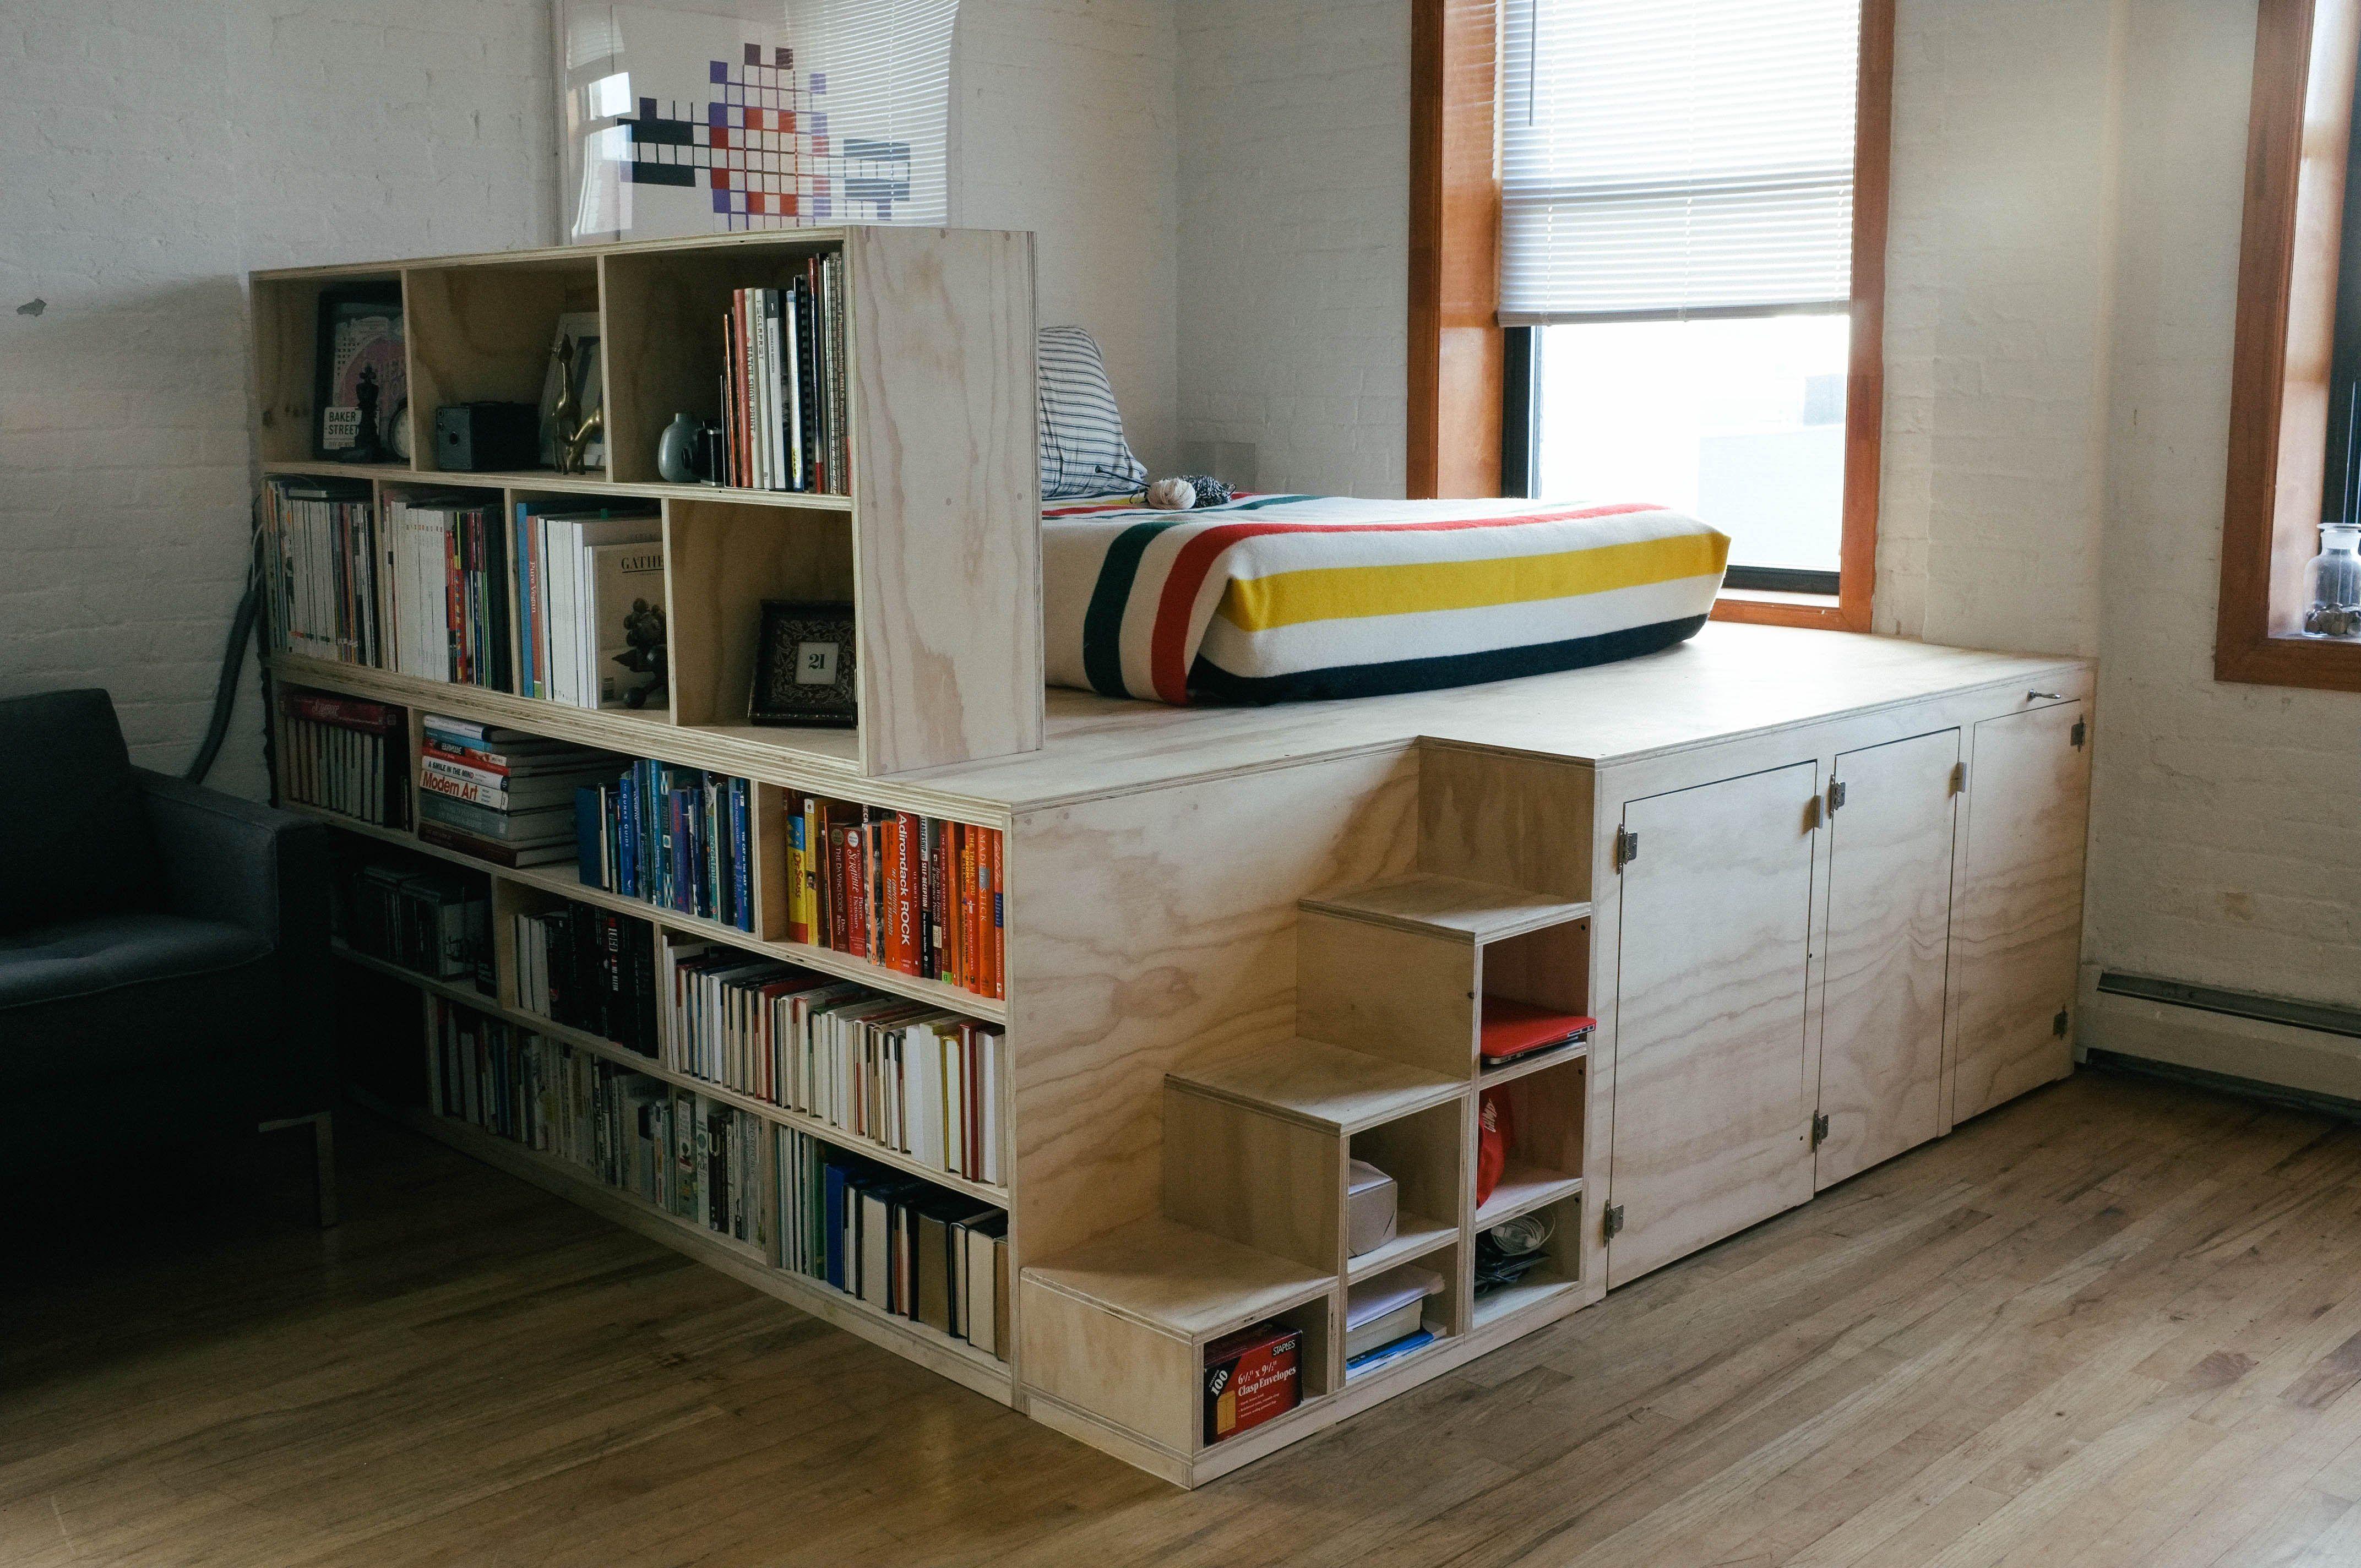 Hochbett ideen pinterest schlafzimmer m bel und kinderzimmer - Schlafzimmer kinderzimmer ...